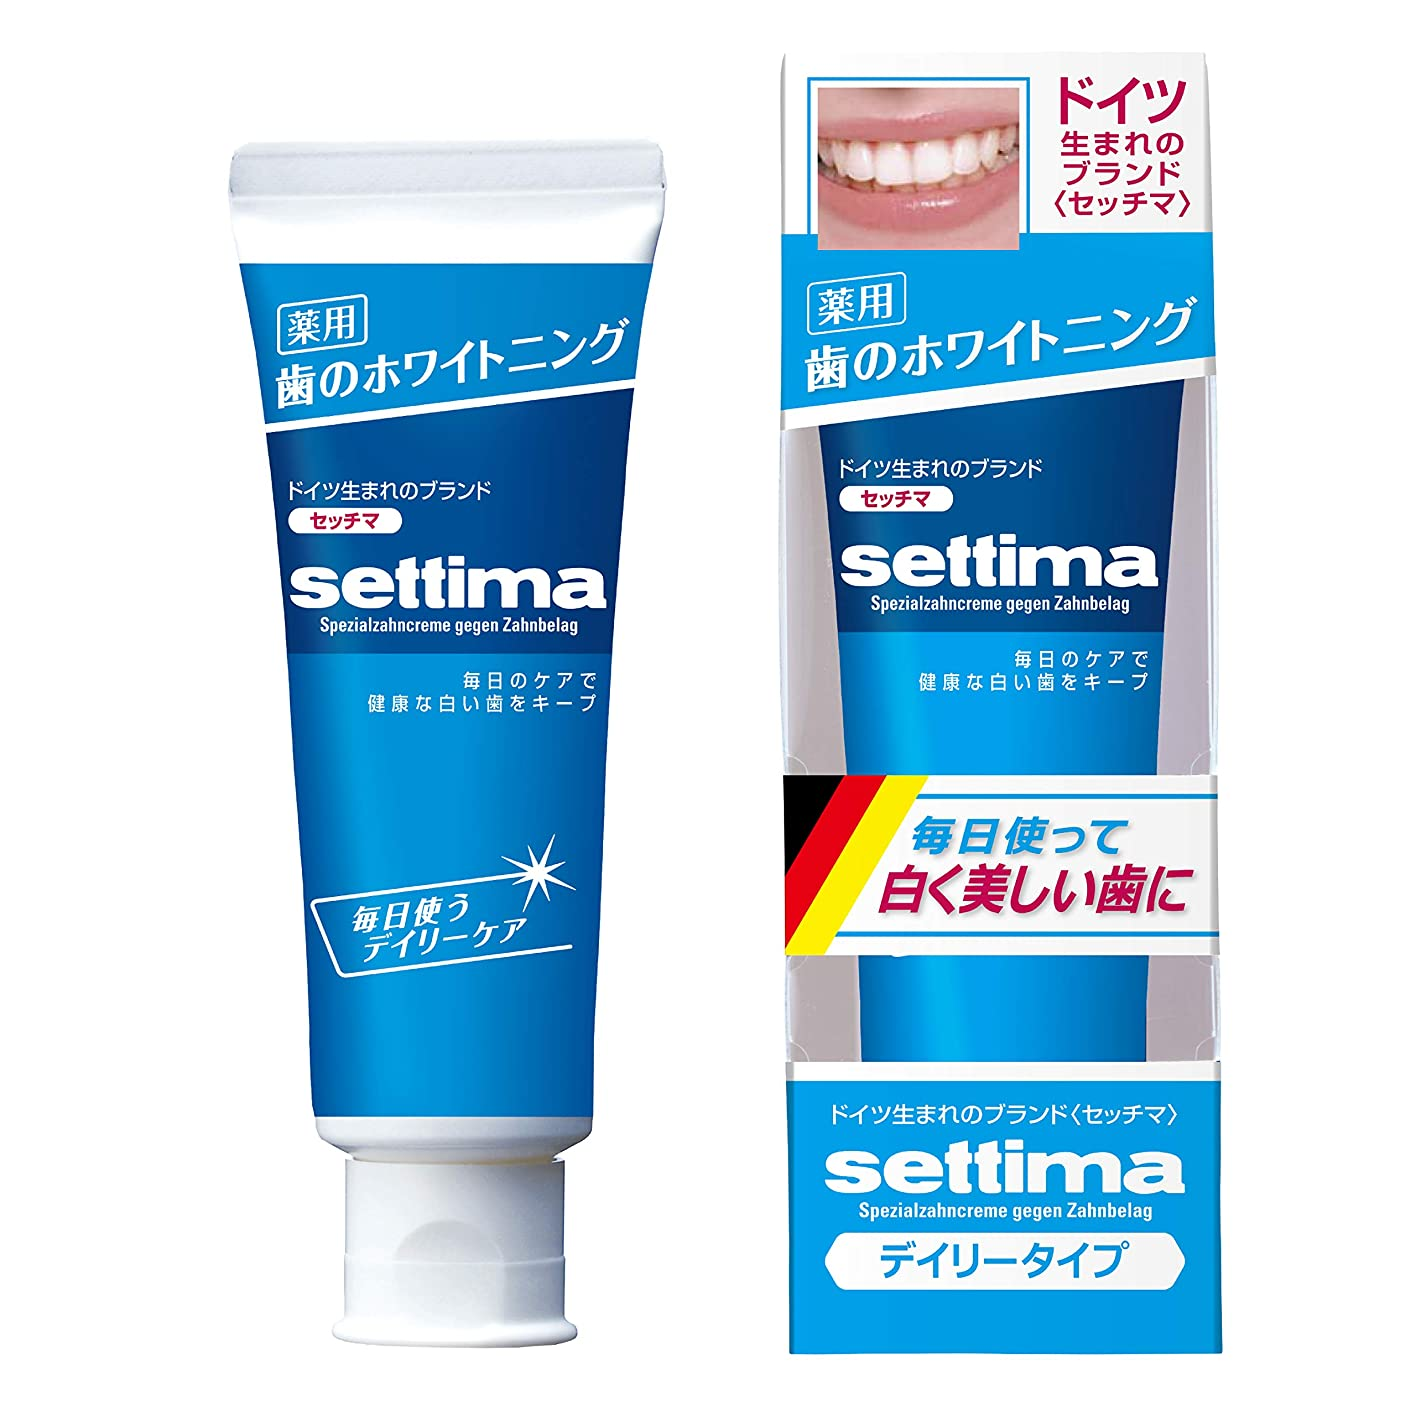 消費する人ネストsettima(セッチマ) ホワイトニング 歯みがき デイリーケア [ファインミントタイプ]  80g